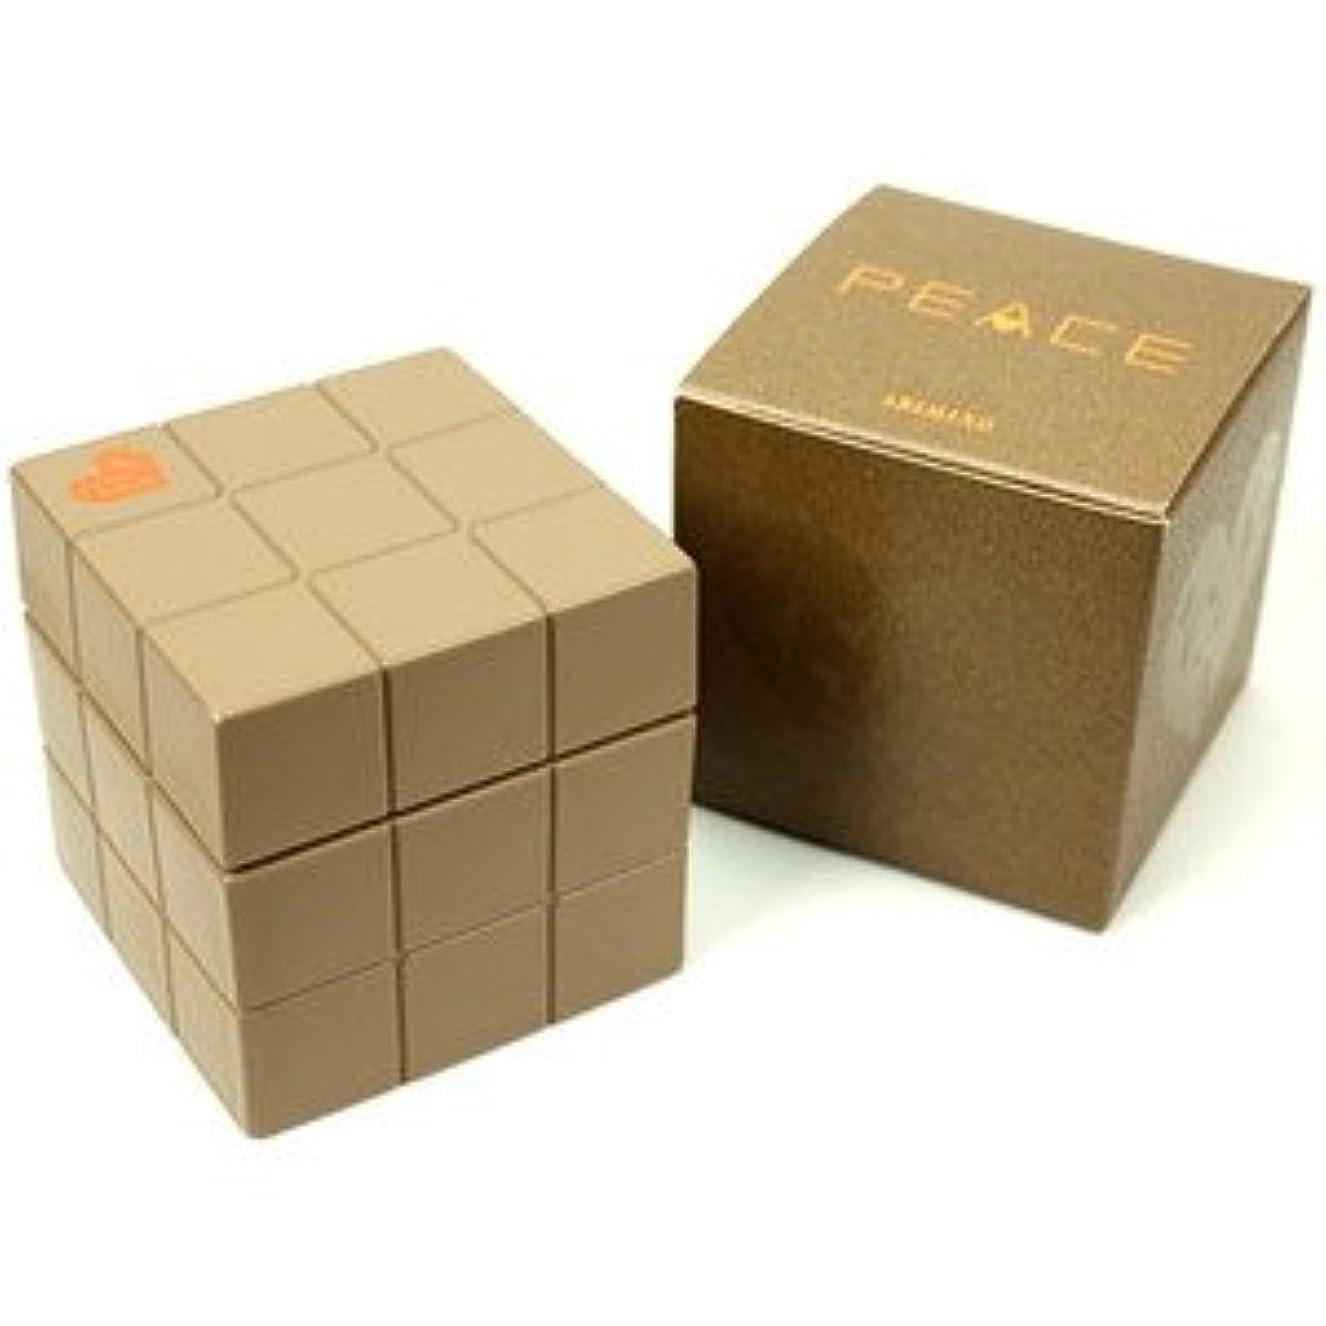 ツーリスト従順年アリミノ ピース ソフト wax (カフェオレ) 80g